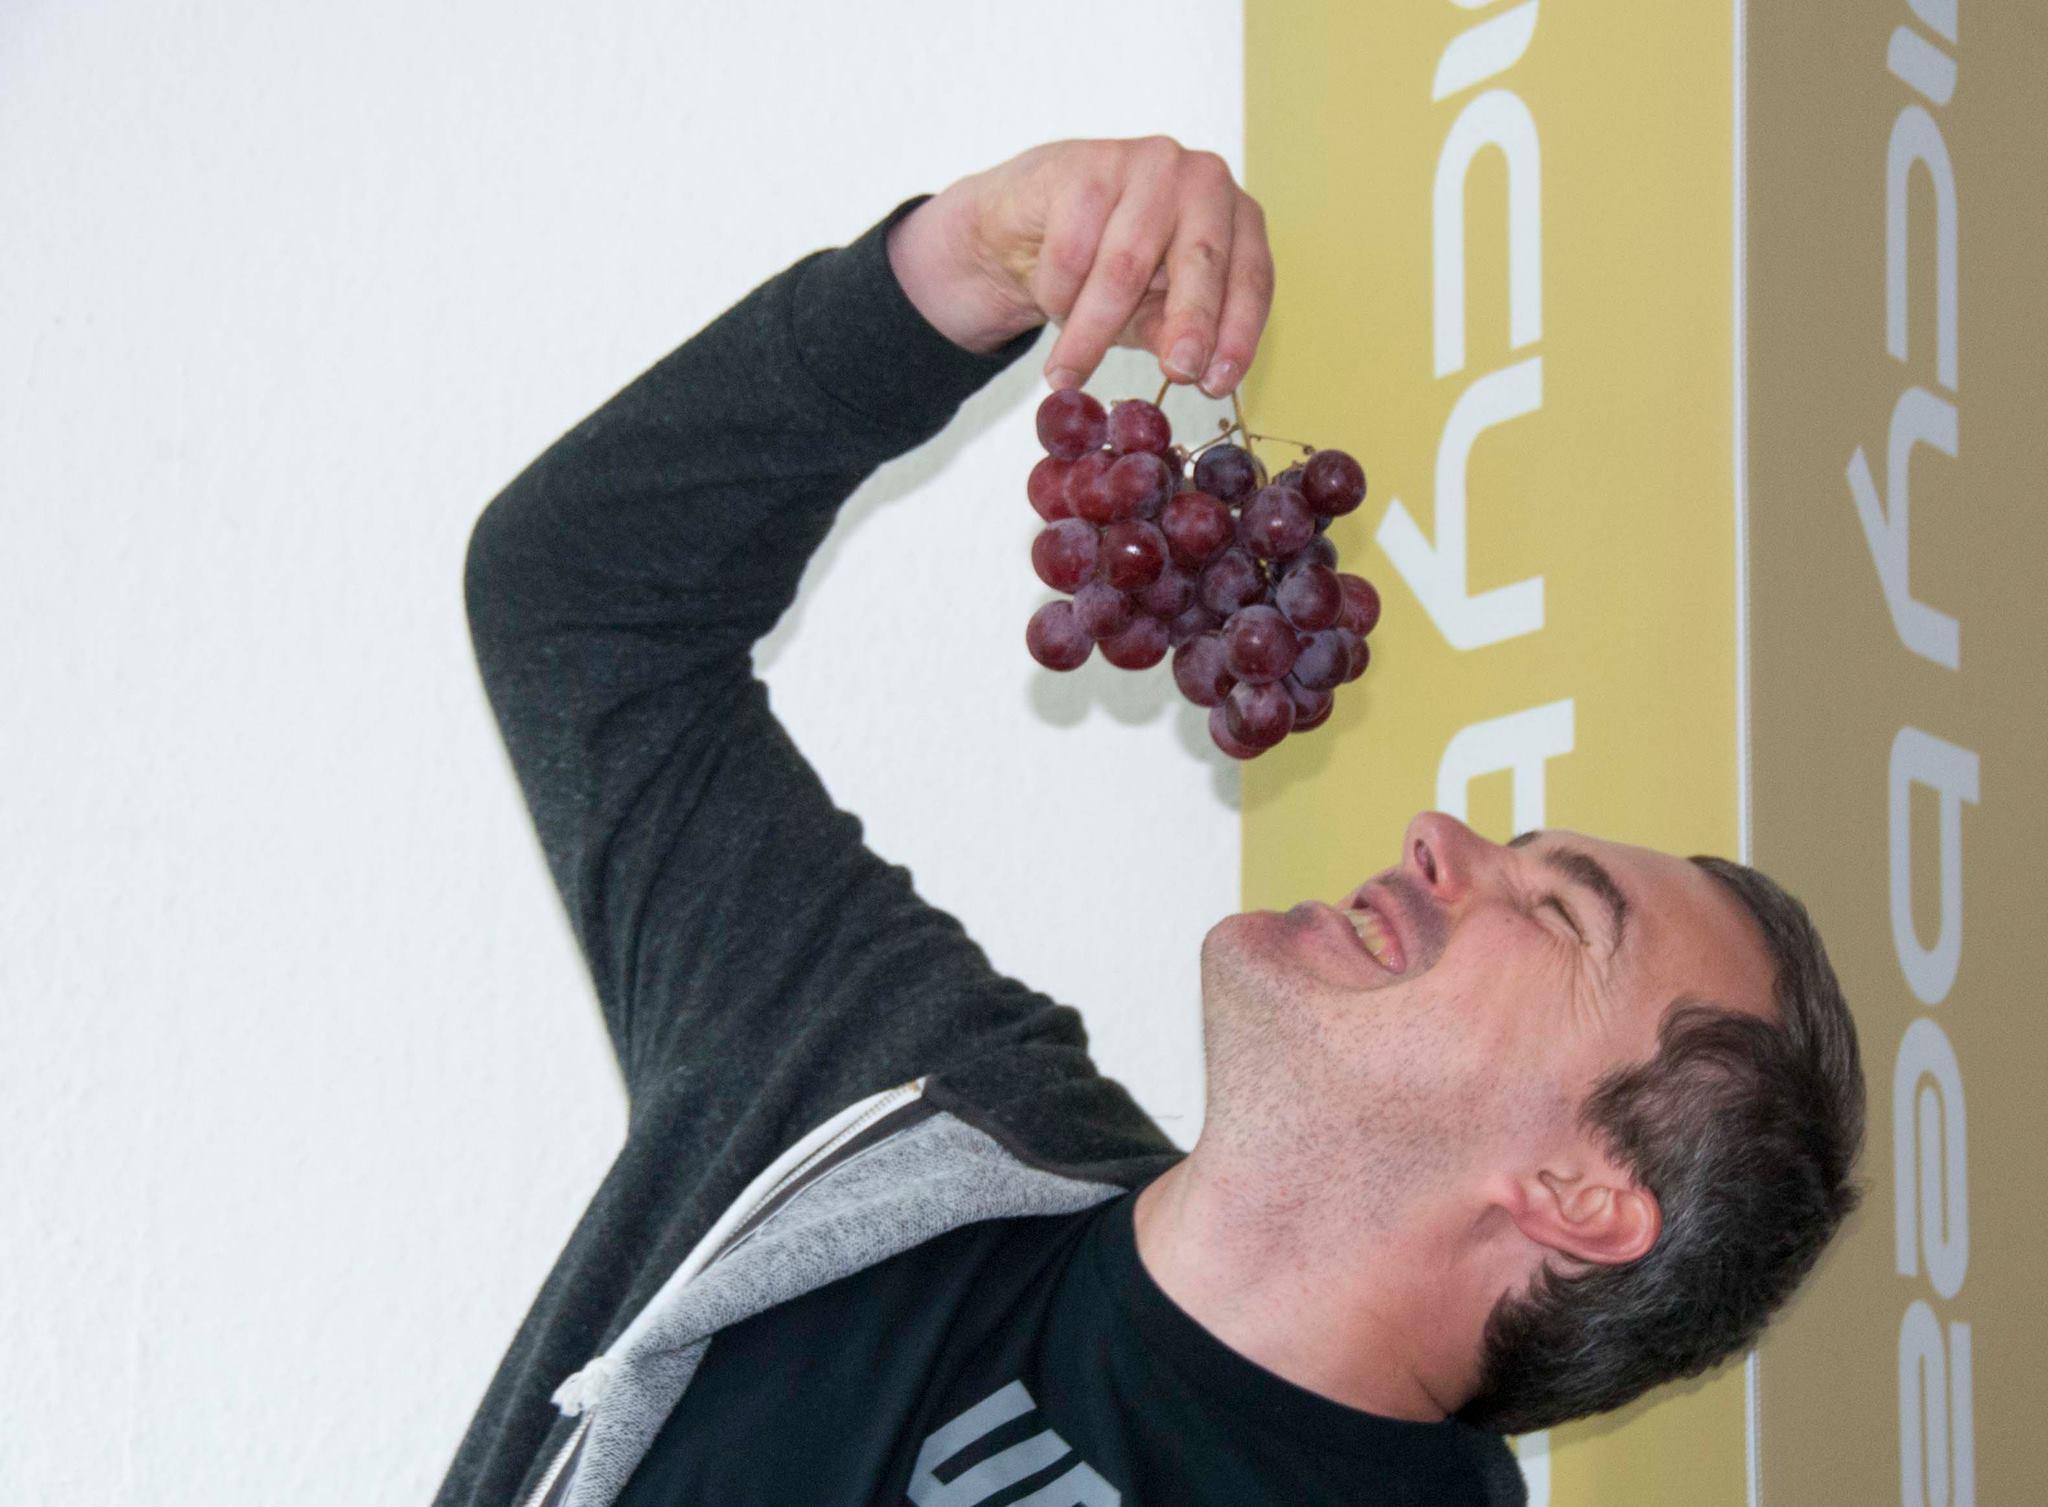 Obst ist nicht nur zum Posen da, auch zum Essen! Foto: Johanna Mack